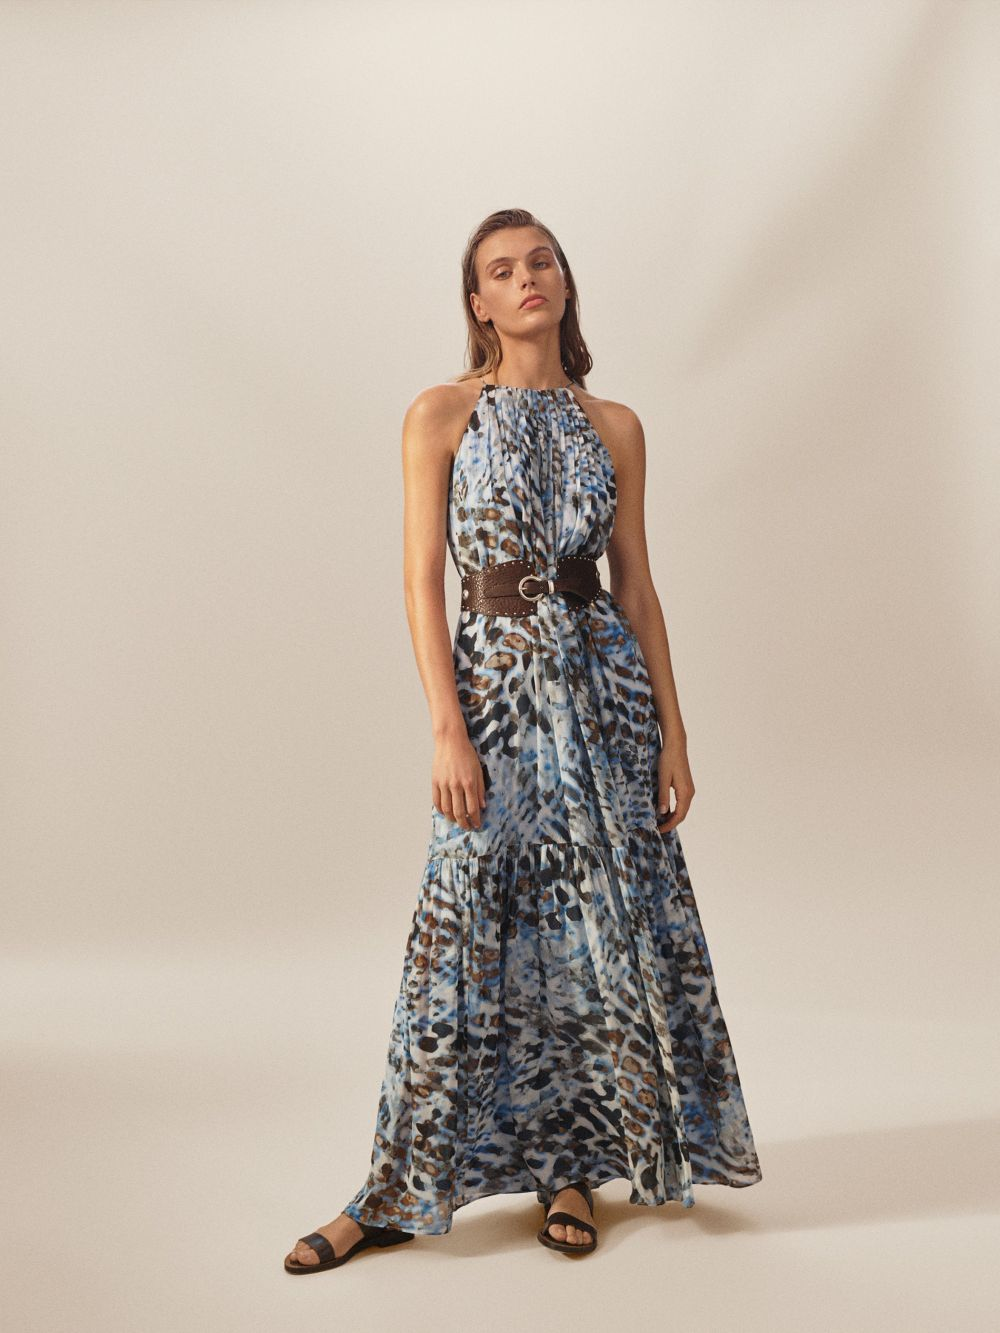 Vestido de efecto tie dye, de Massimo Dutti (169 euros).